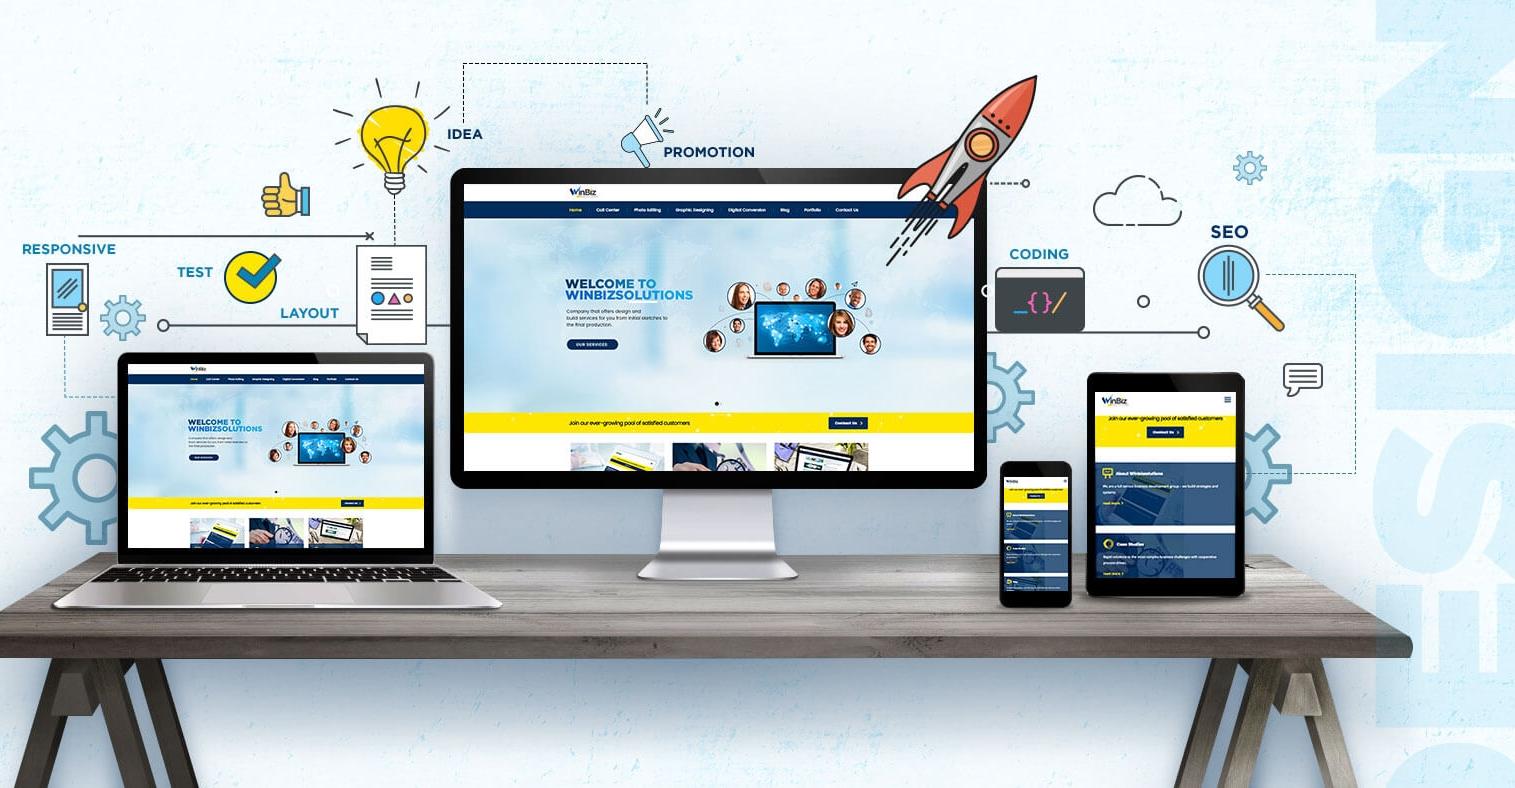 Các bước làm website chuyên nghiệp thúc đẩy bán hàng online hiệu quả